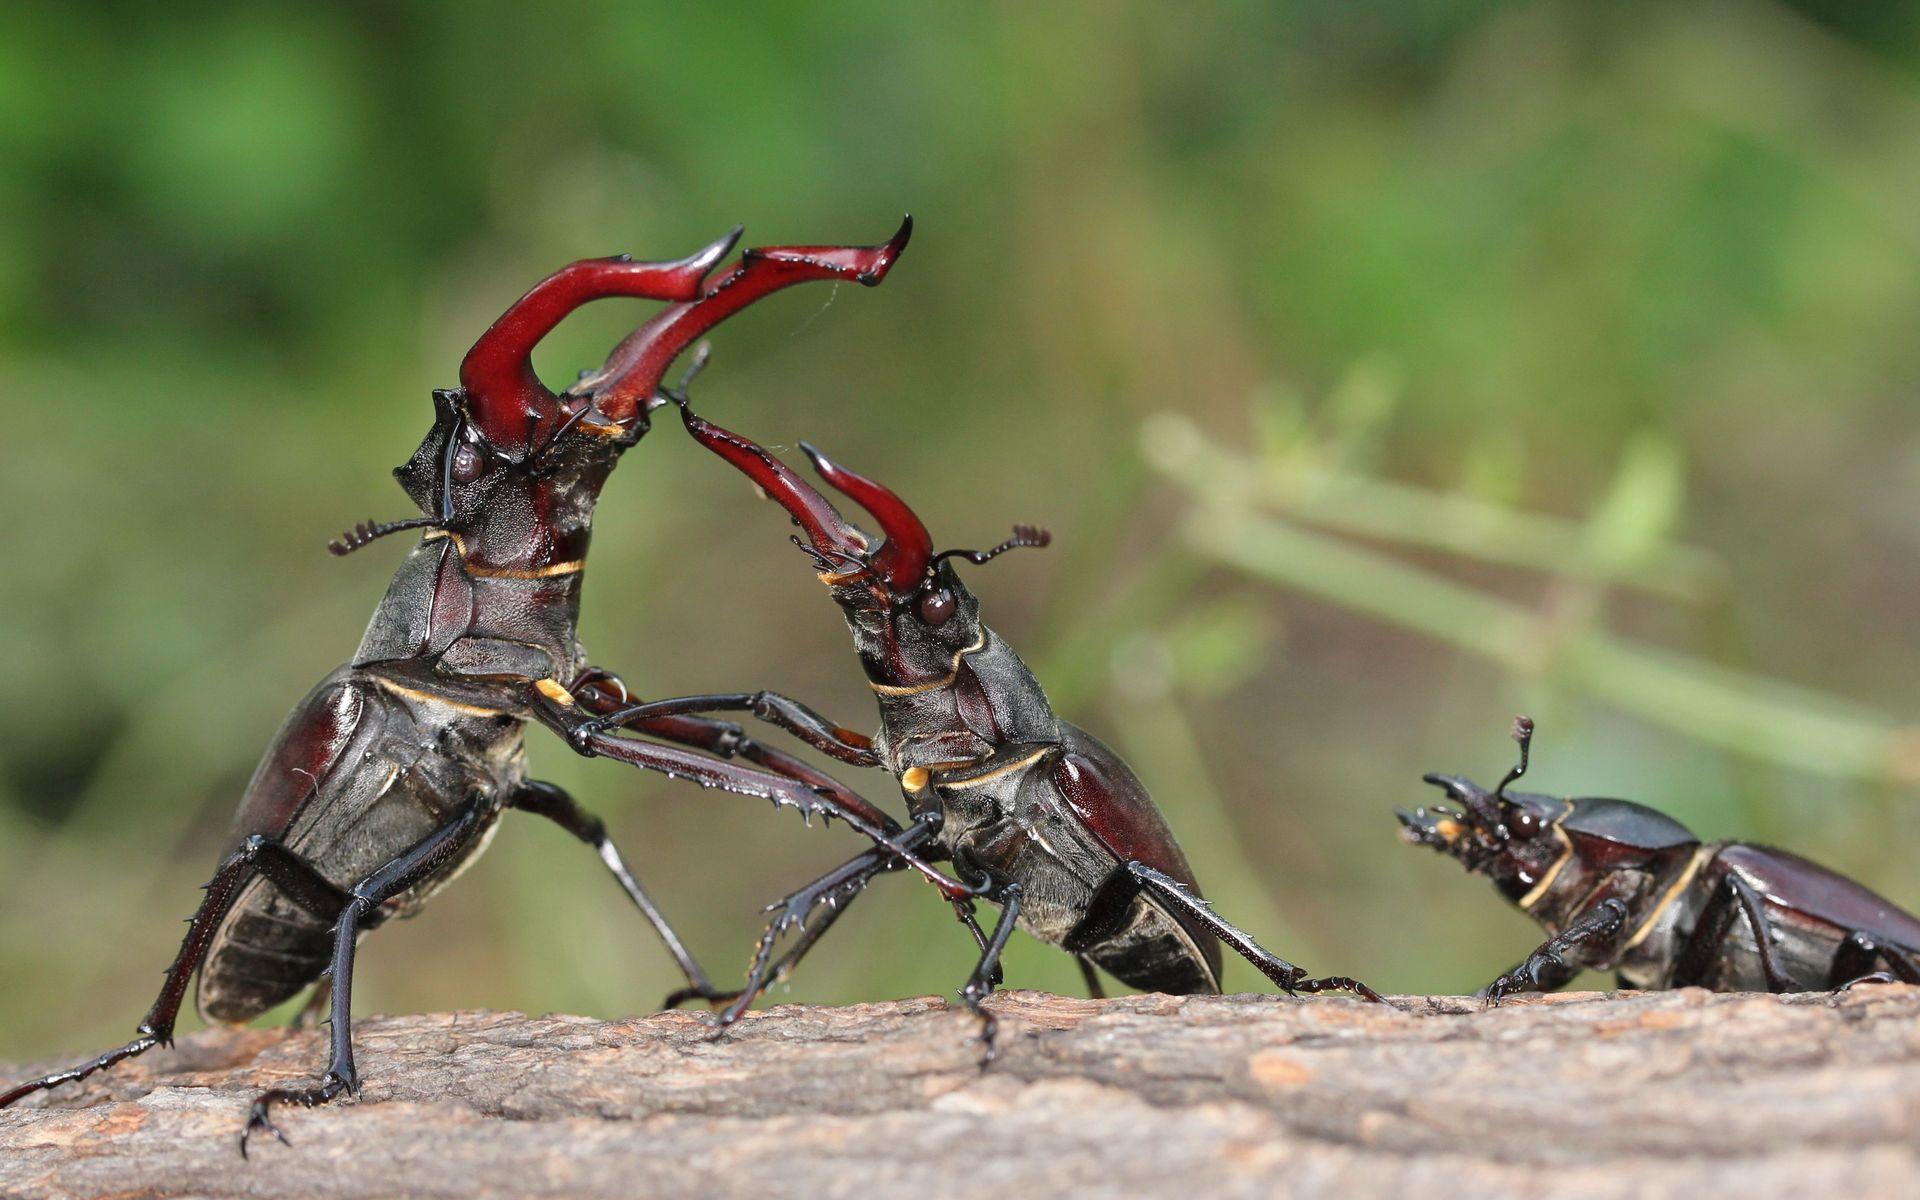 146200 Salvapantallas y fondos de pantalla Insectos en tu teléfono. Descarga imágenes de Animales, Insectos, Escarabajo Ciervo, Ciervo Volante, Lucha, Escaramuza, Pelear, Batalla gratis